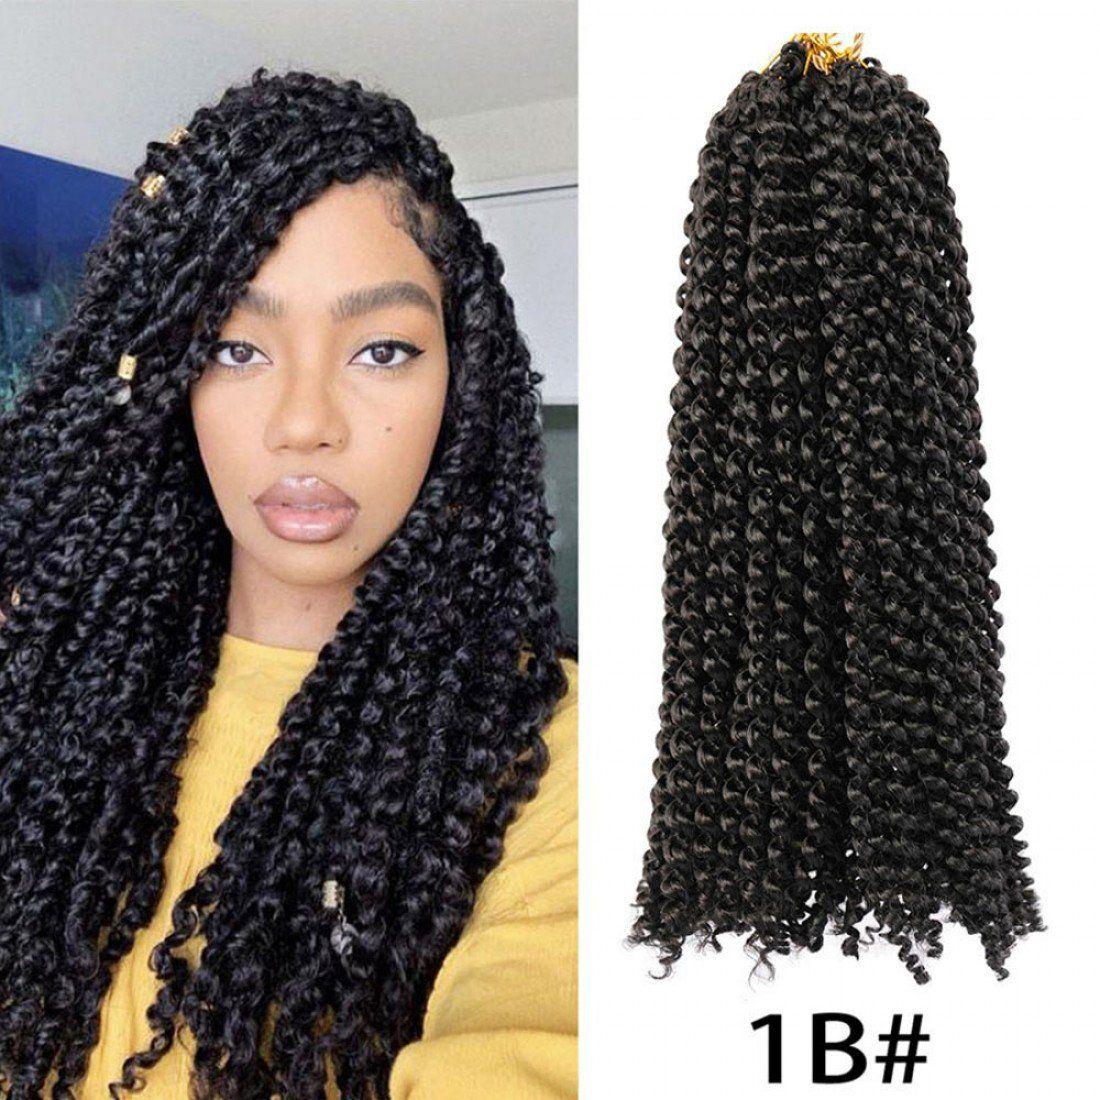 Pin on Zzs braids